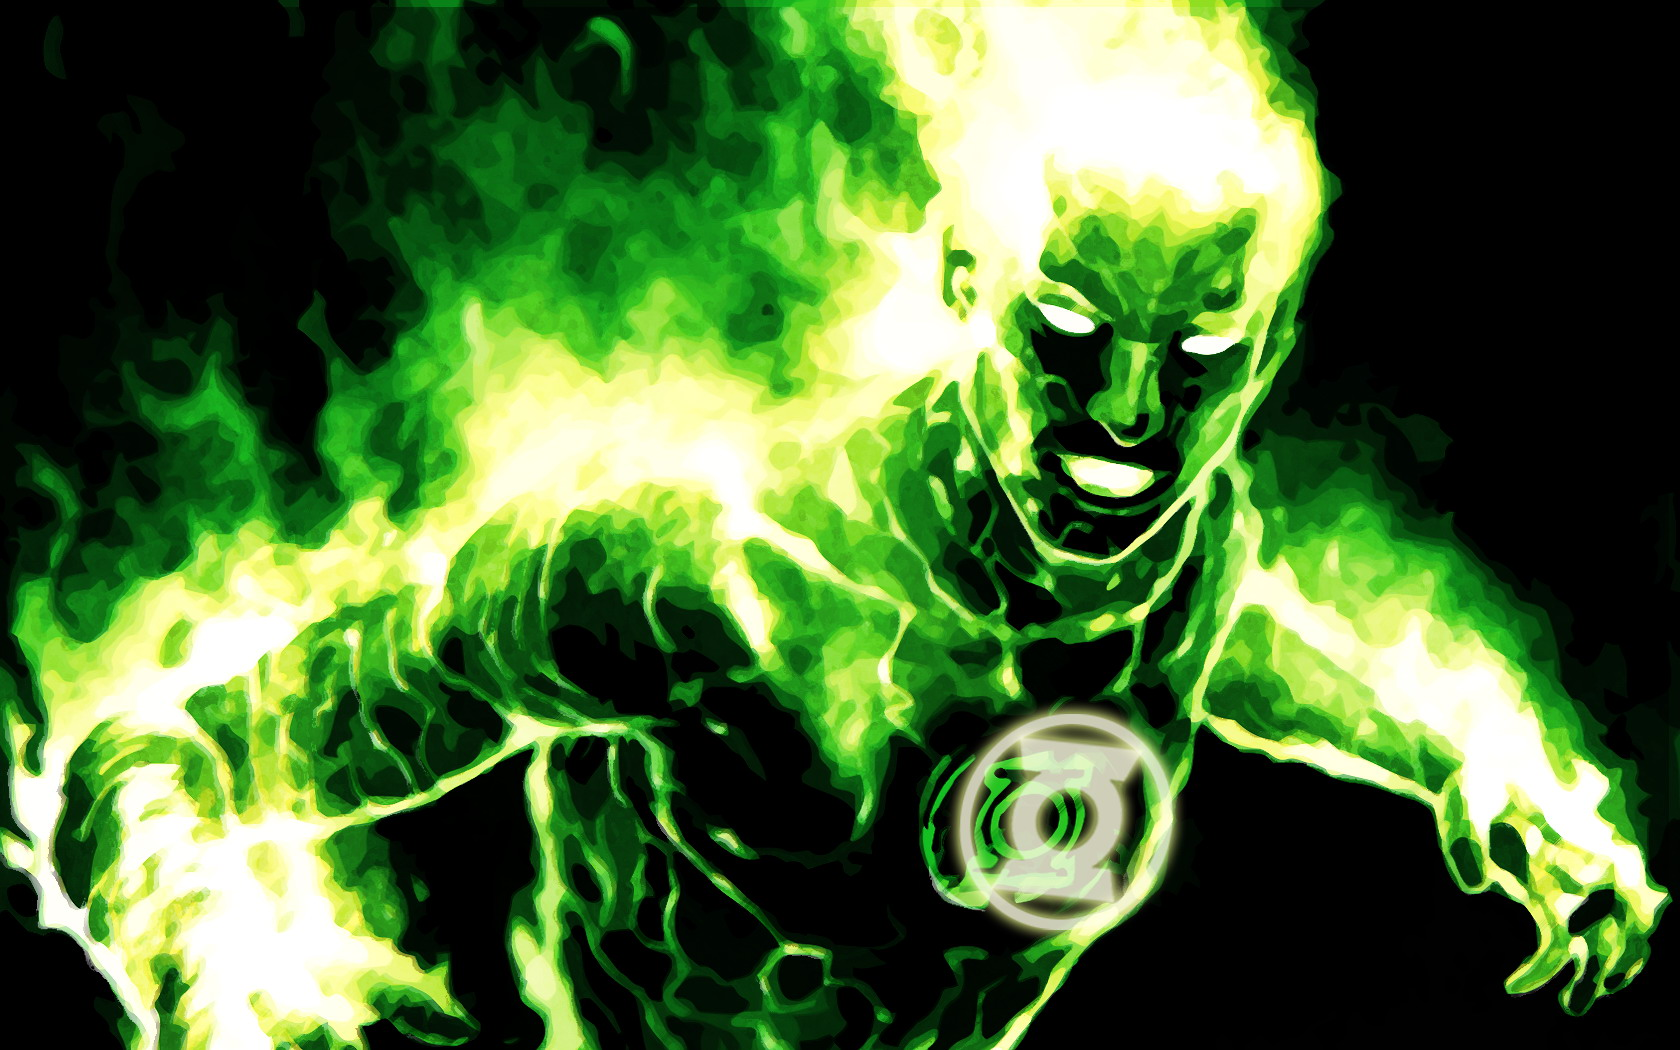 Green Lantern Wallpaper 1680x1050 Green Lantern DC Comics 1680x1050